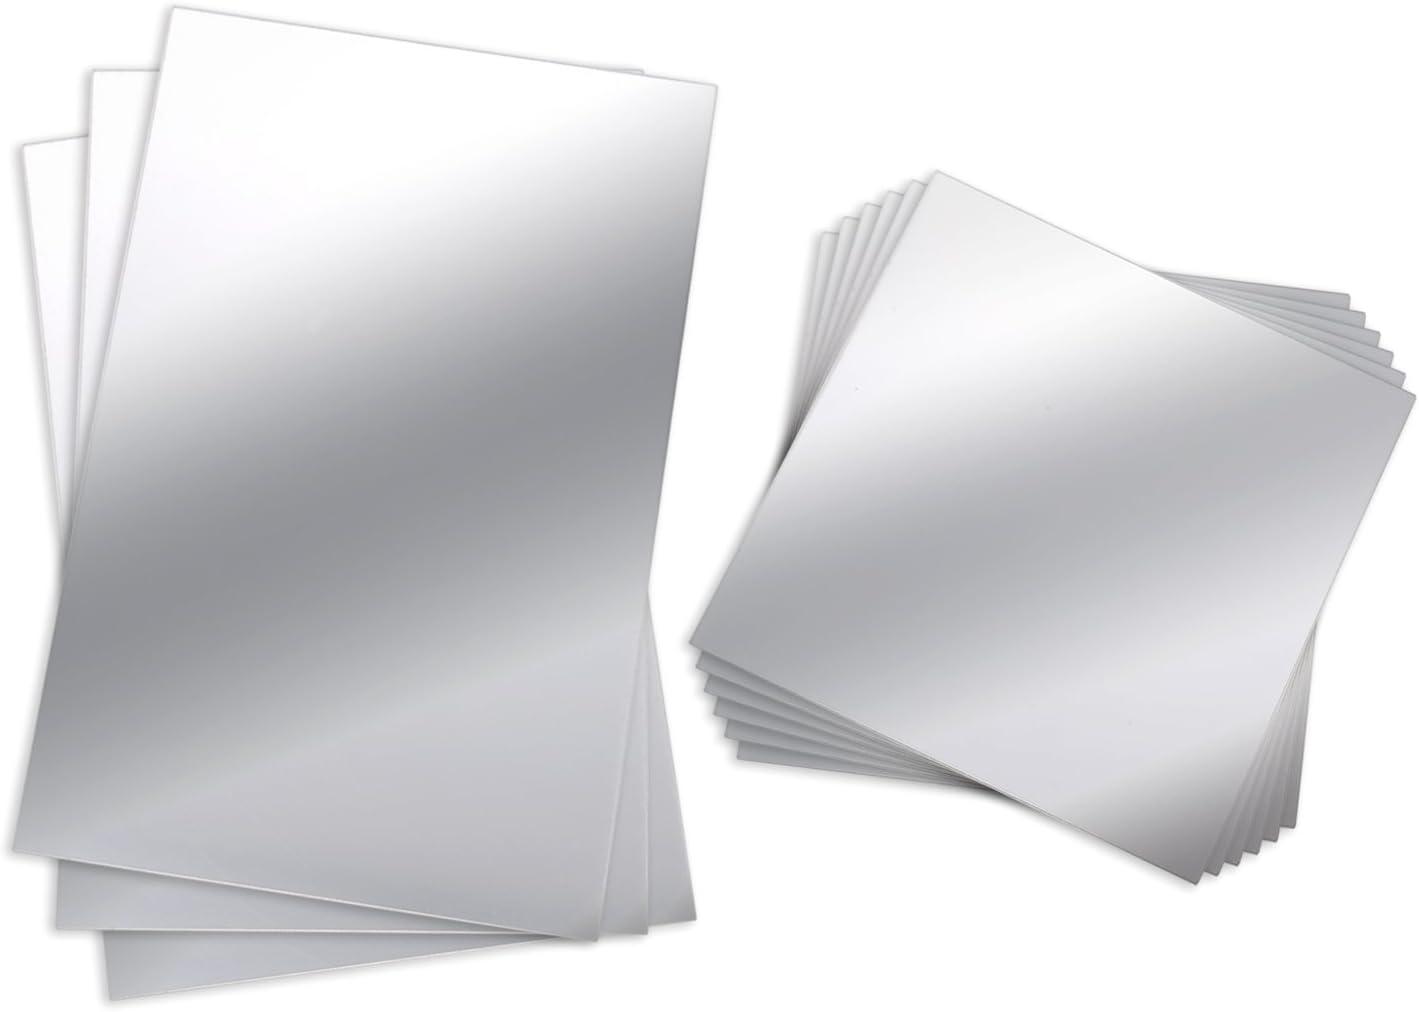 BBTO 9 Piezas Hojas de Espejo de Plástico Flexible no Vidrio Espejo de Azulejo Autoadhesivo Pegatina de Pared, 6 Pulgadas por 6 Pulgadas y 6 Pulgadas por 9 Pulgadas